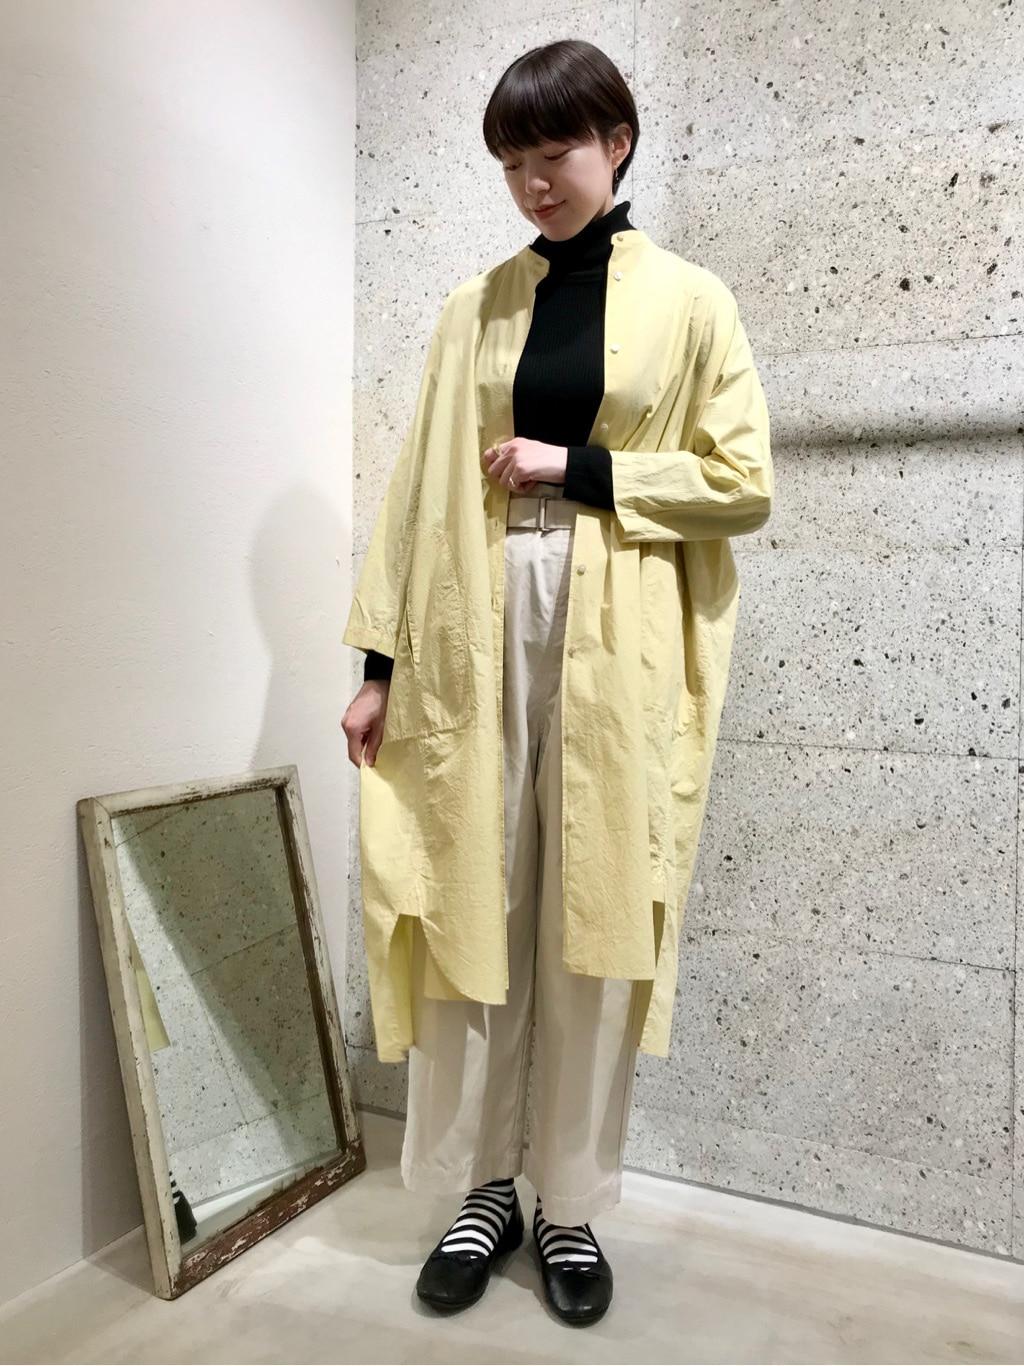 ニュウマン横浜 2021.01.13